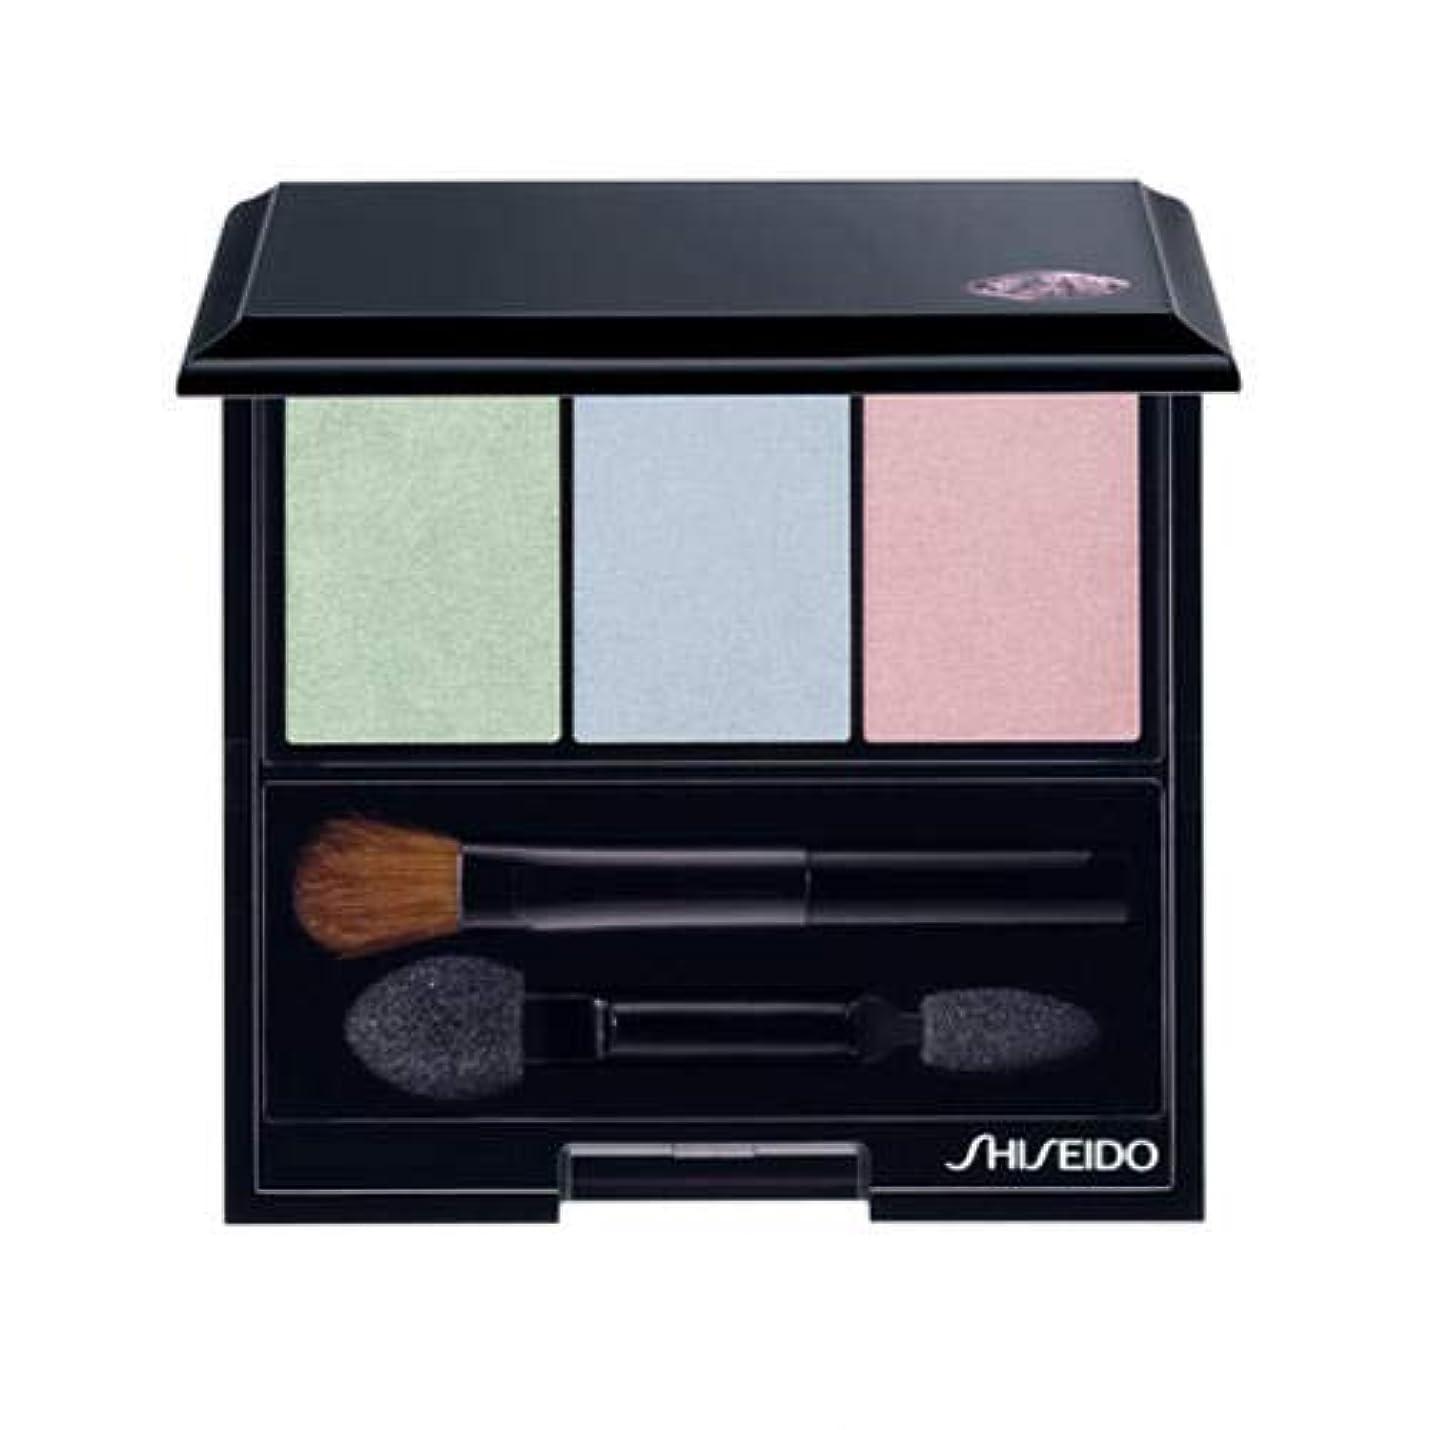 貧困インサート強制的資生堂 ルミナイジング サテン アイカラー トリオ BL215(Shiseido Luminizing Satin Eye Color Trio BL215) [並行輸入品]